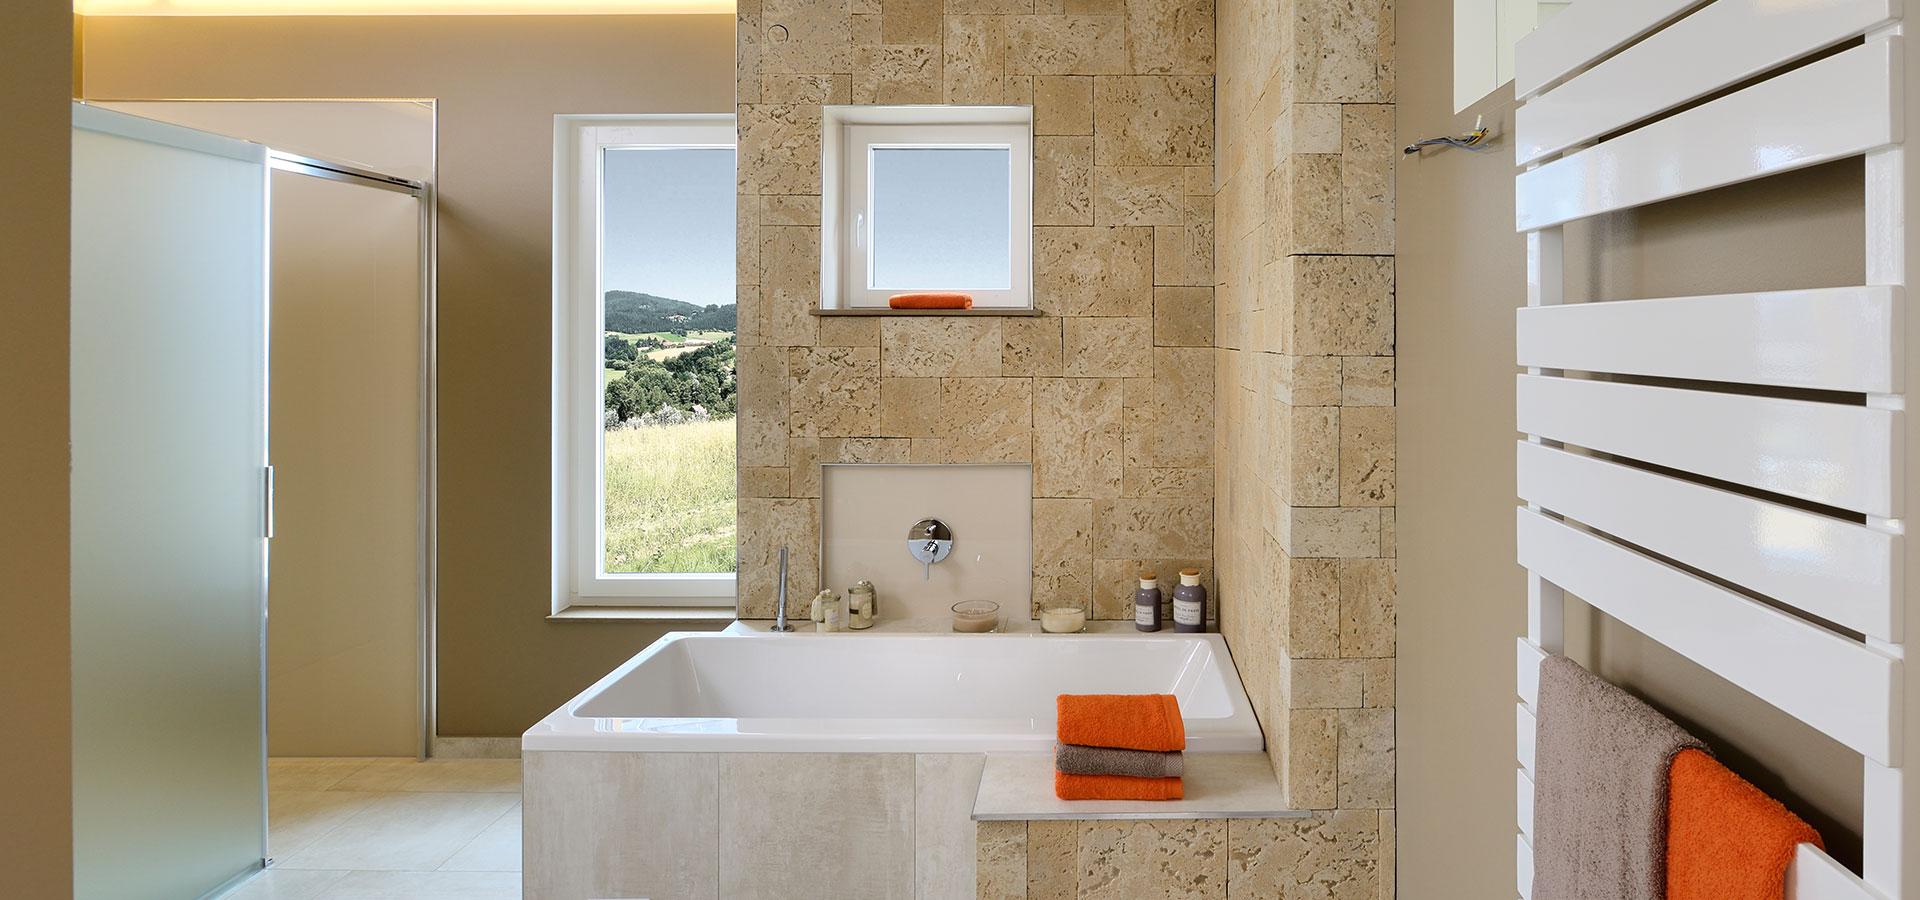 Best Inspiration Badezimmer Photos - Die besten Einrichtungsideen ...